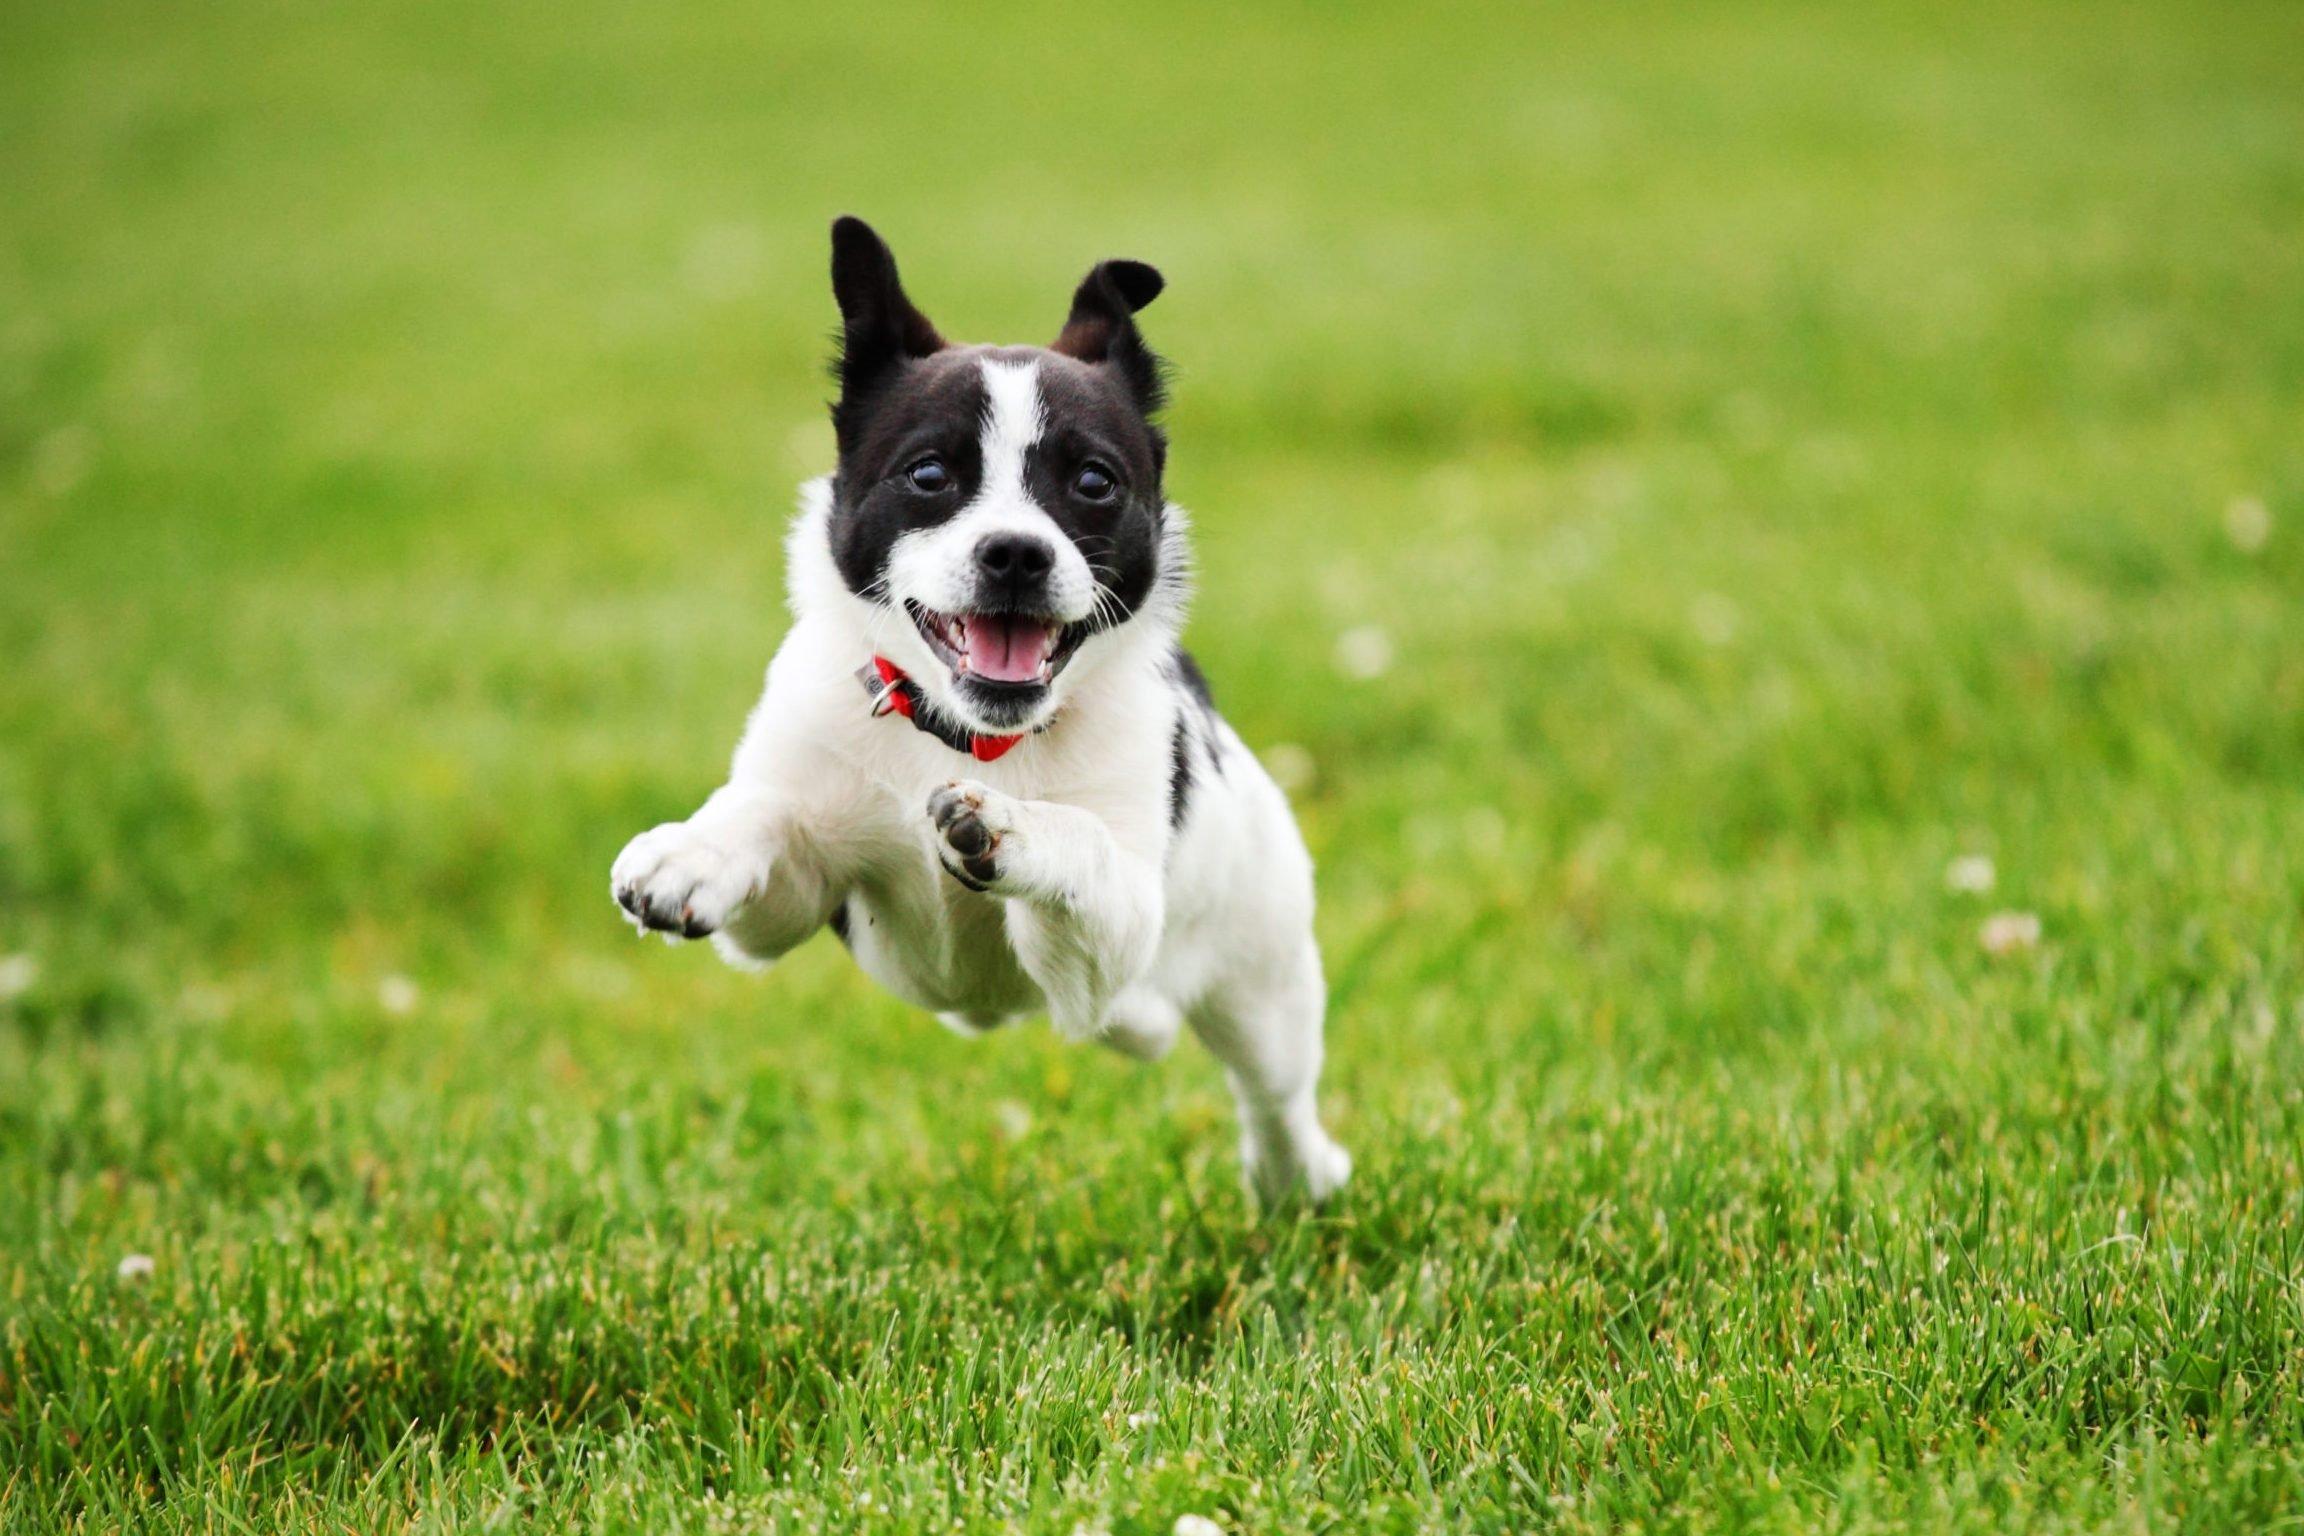 Dog Running through Grass